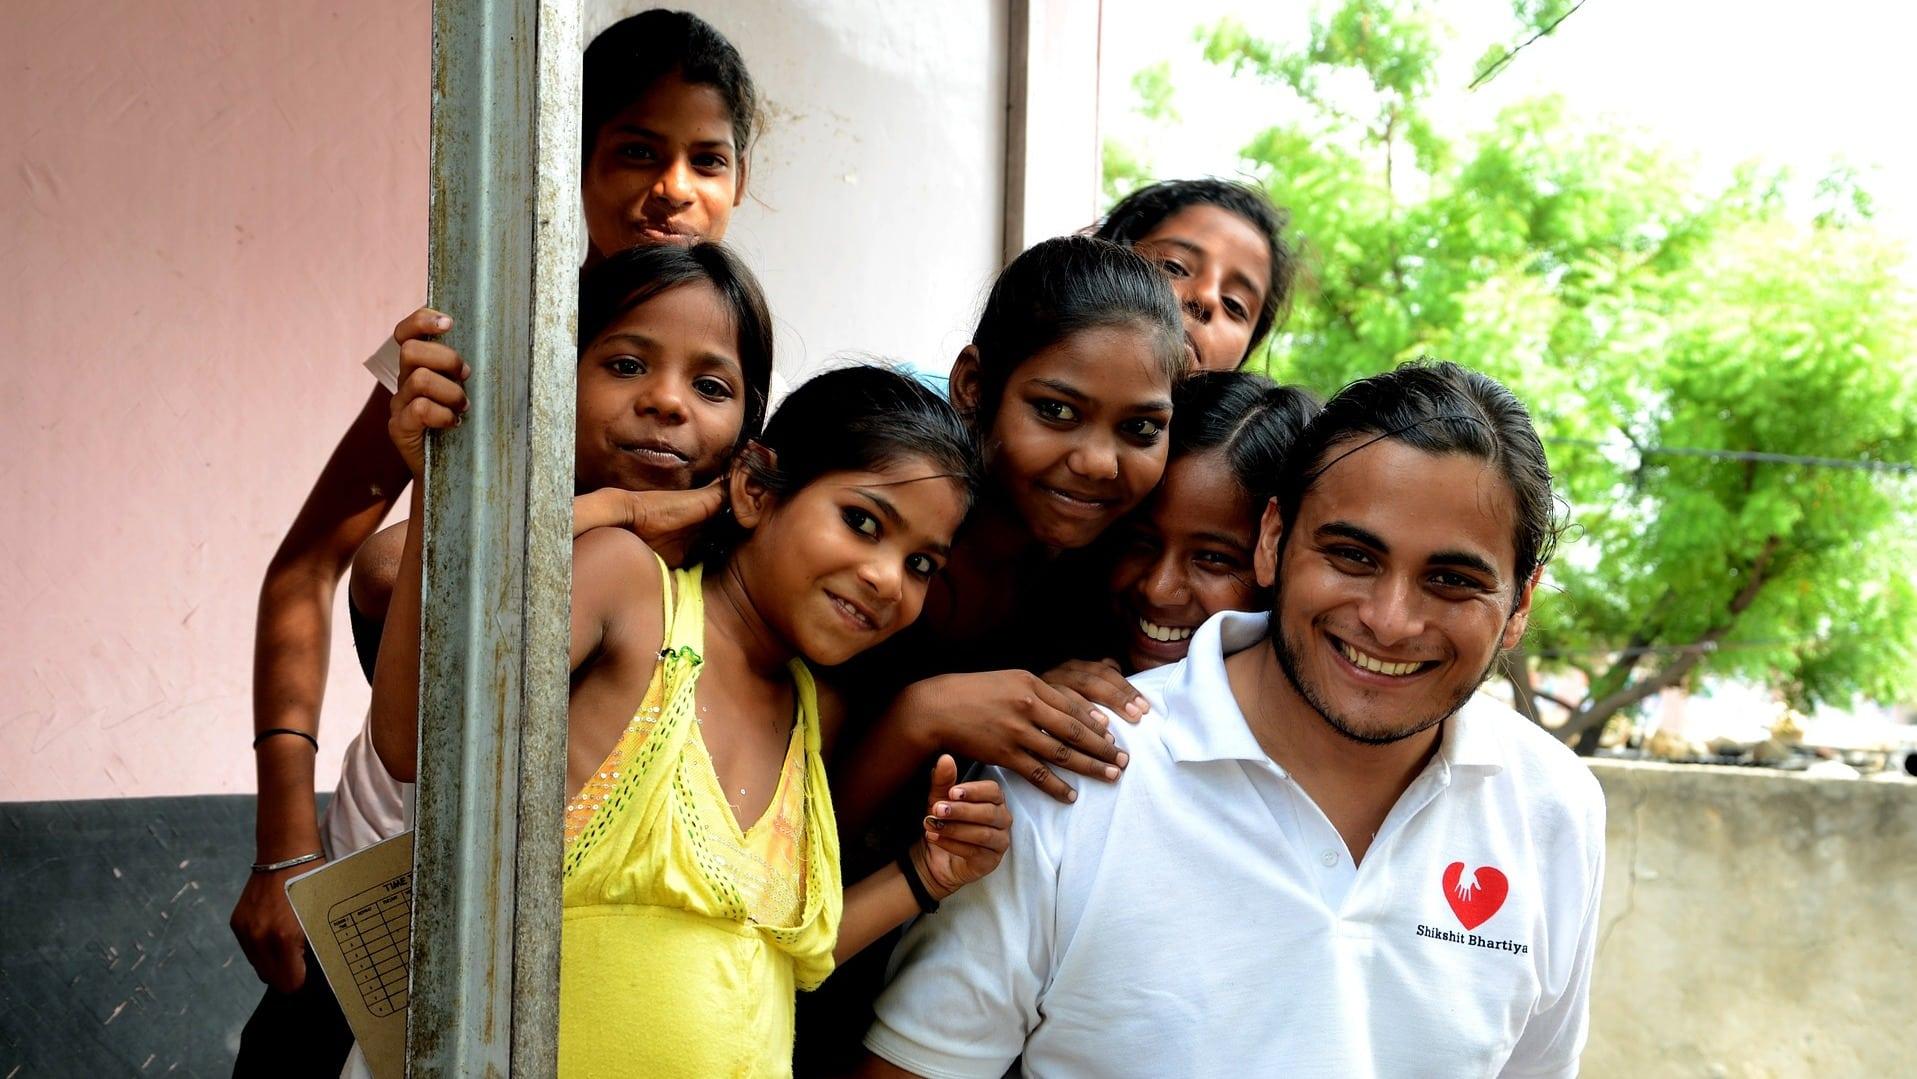 Wenn du dich für ein Volunteer-Programm im Ausland bewerben möchtest, solltest du vorher genau recherchieren, ob du damit wirklich vor Ort hilfst.